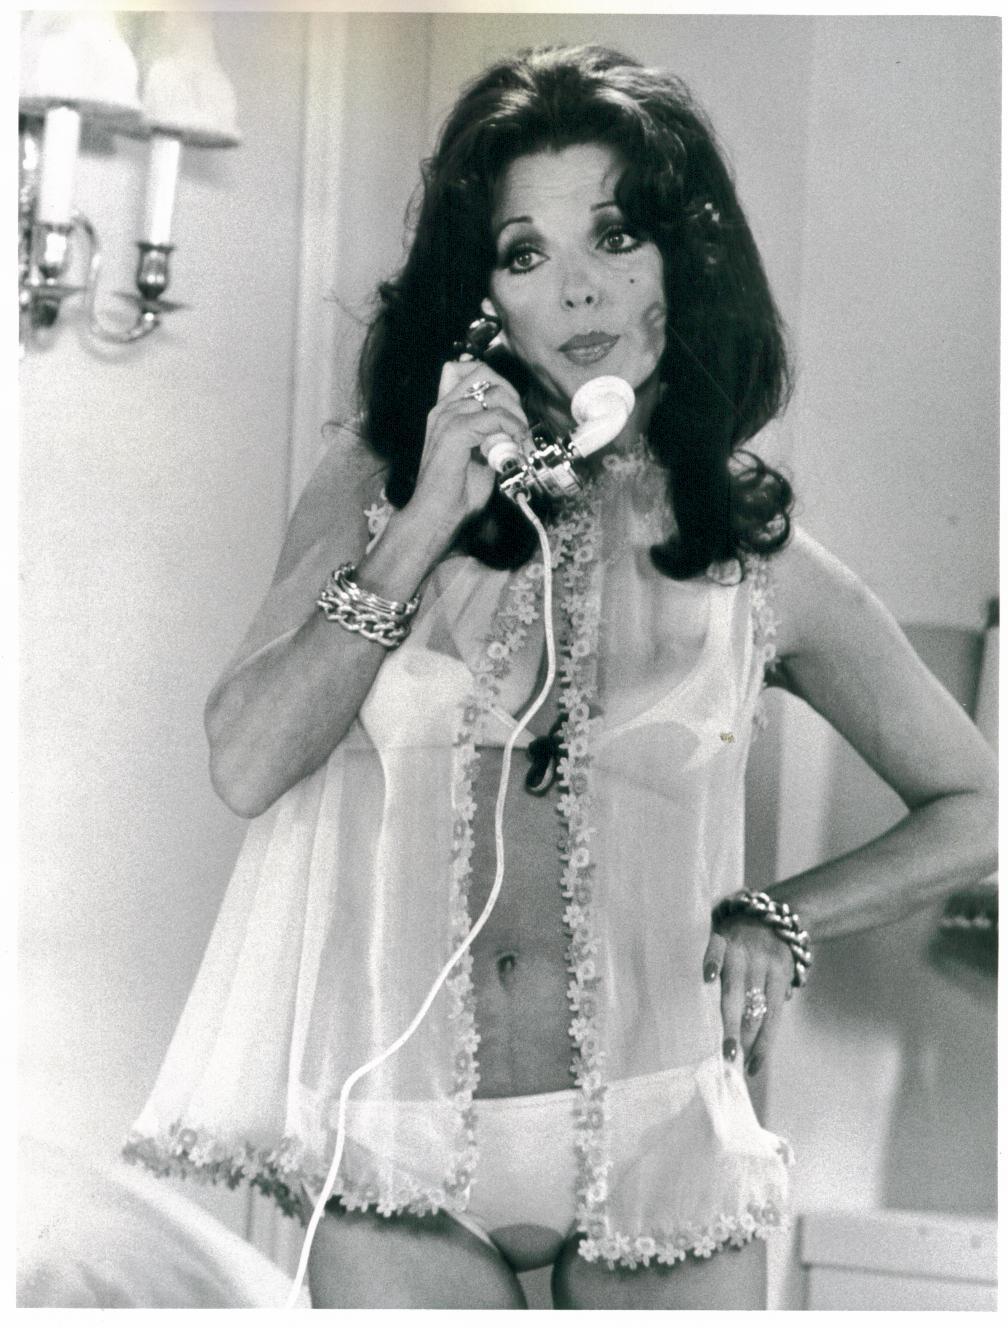 Lady godiva rides 1969 full movie 8